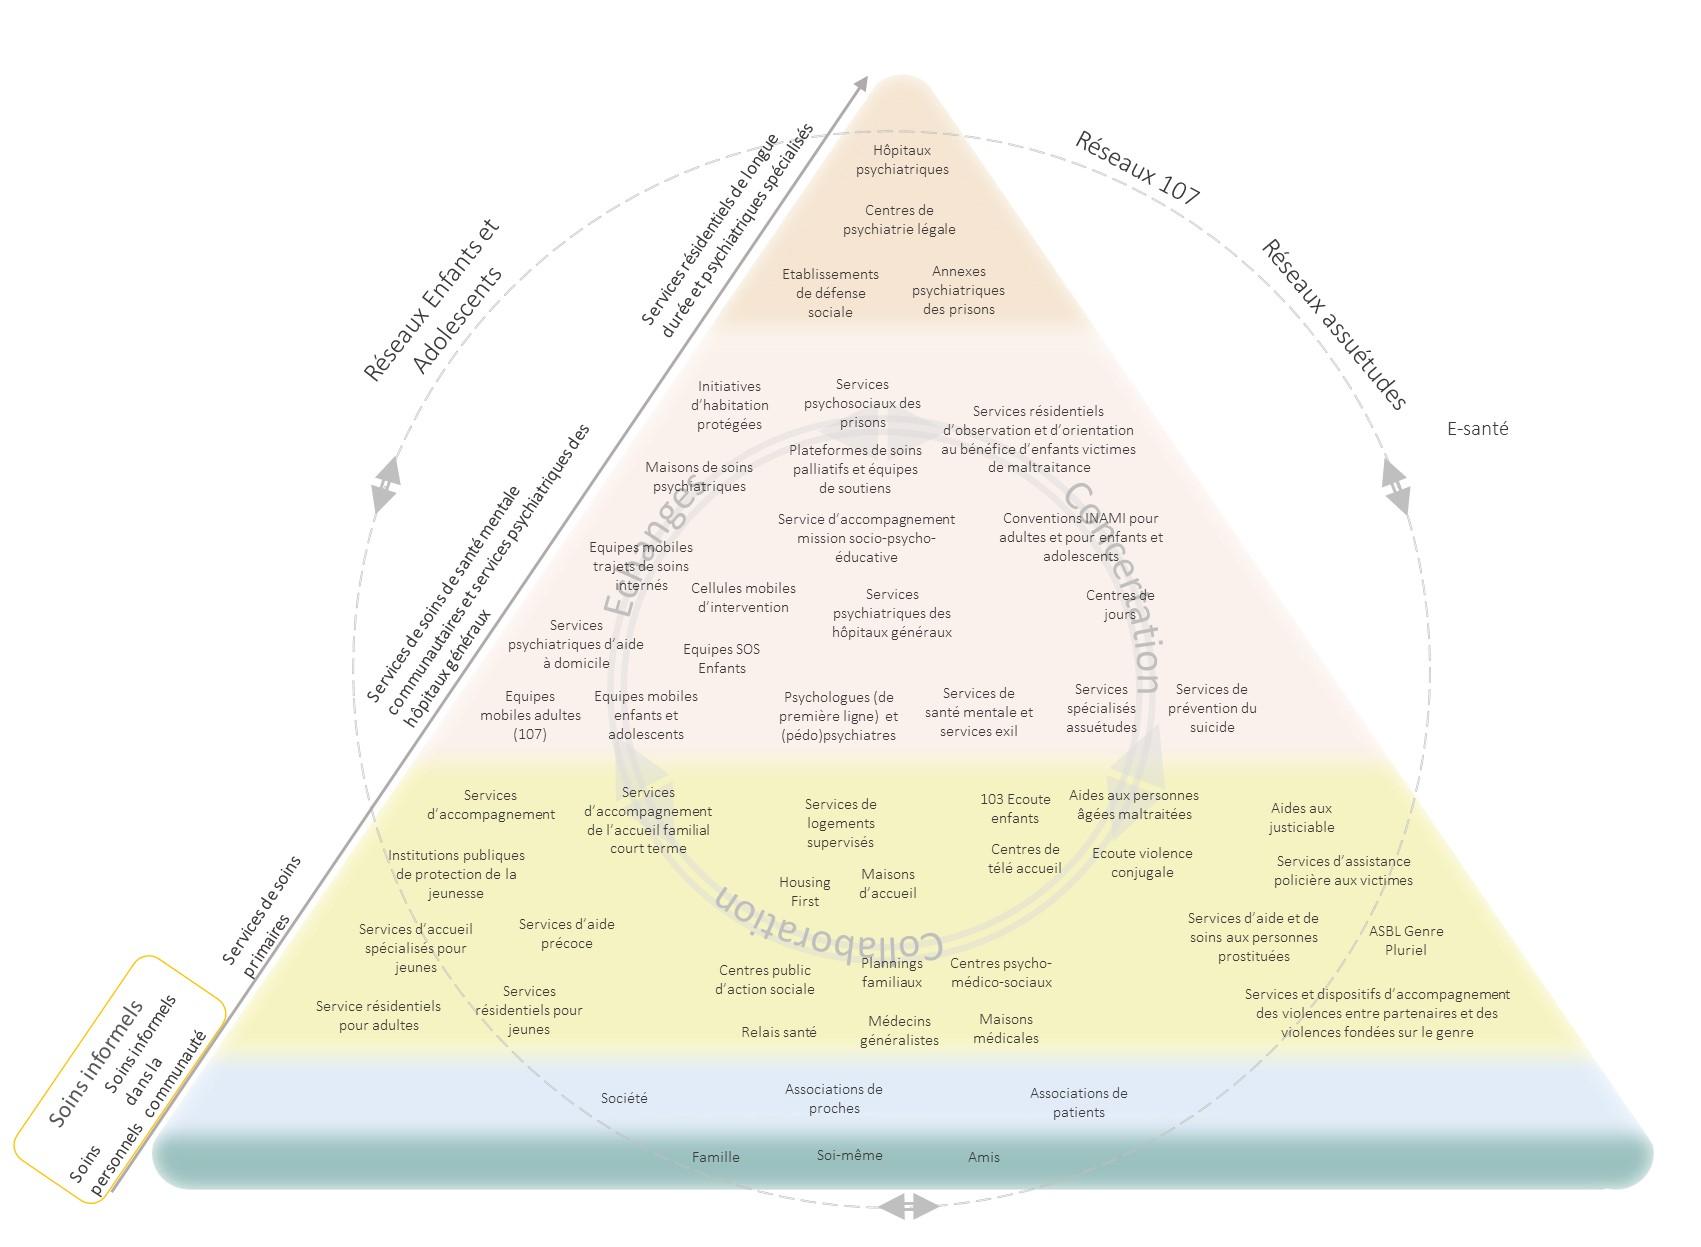 Pyramide de l'offre de soins en santé mentale en Wallonie